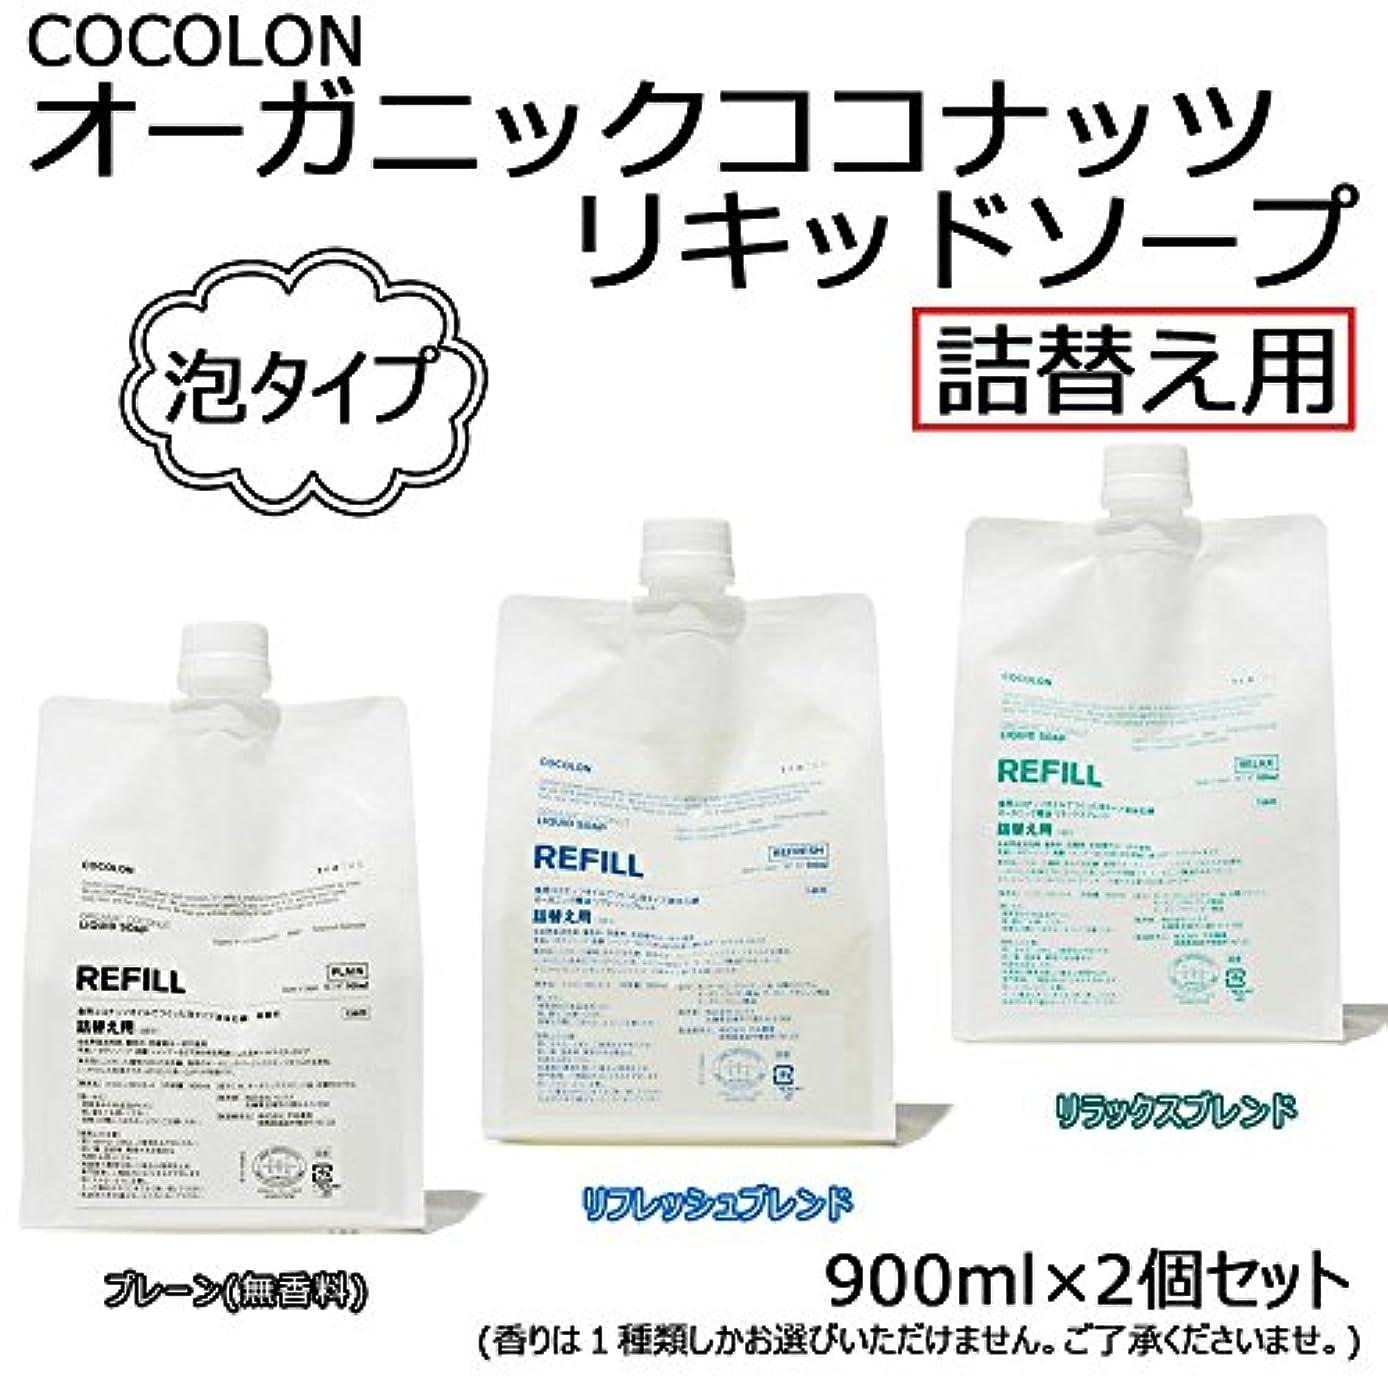 りんごウォルターカニンガム公式COCOLON ココロン オーガニックココナッツリキッドソープ 泡タイプ 詰替え用 900ml 2個セット リフレッシュブレンド